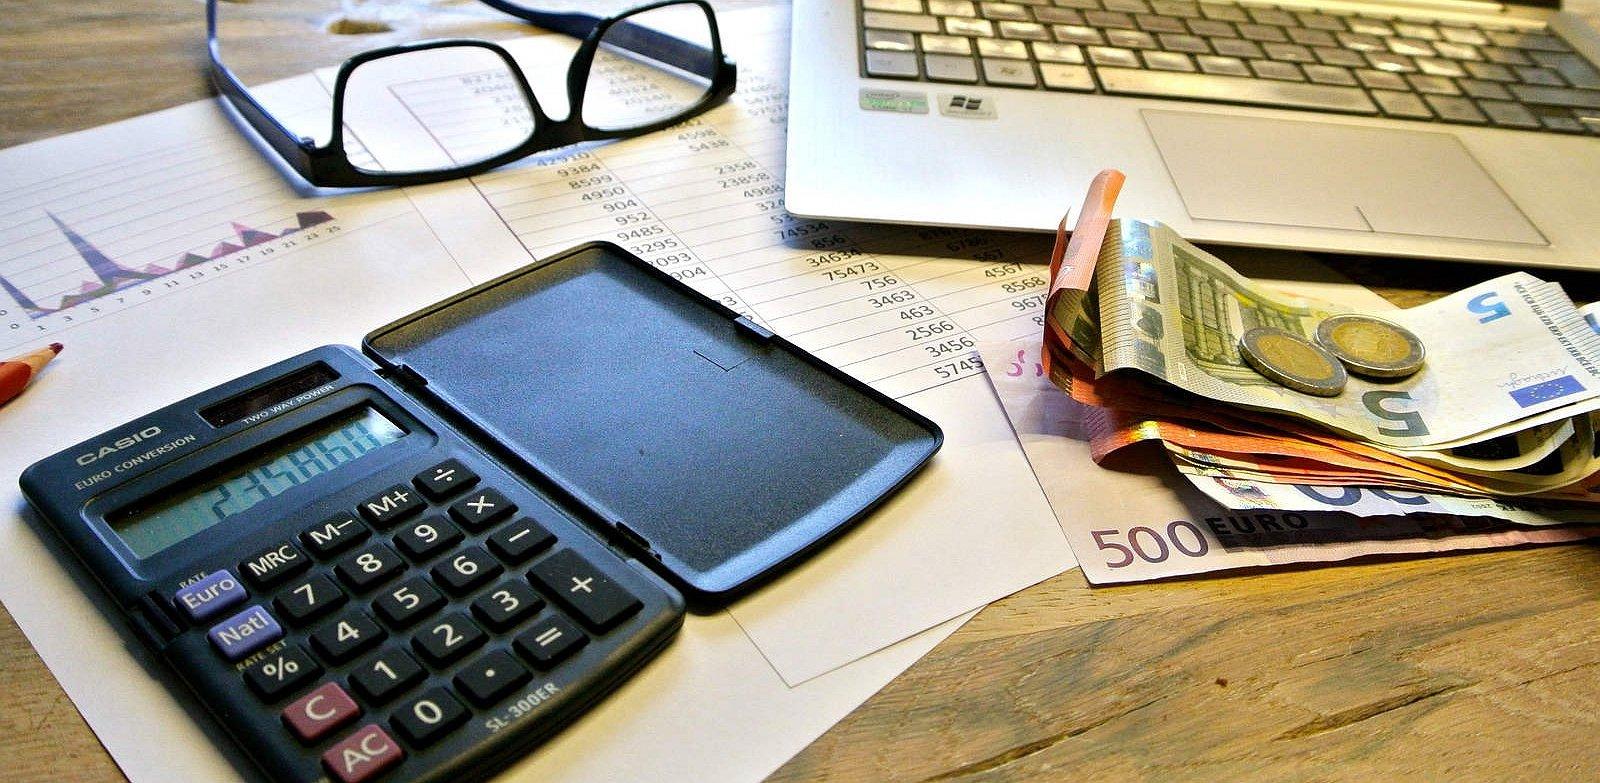 Location immobilière: la rémission des dépôts de garantie